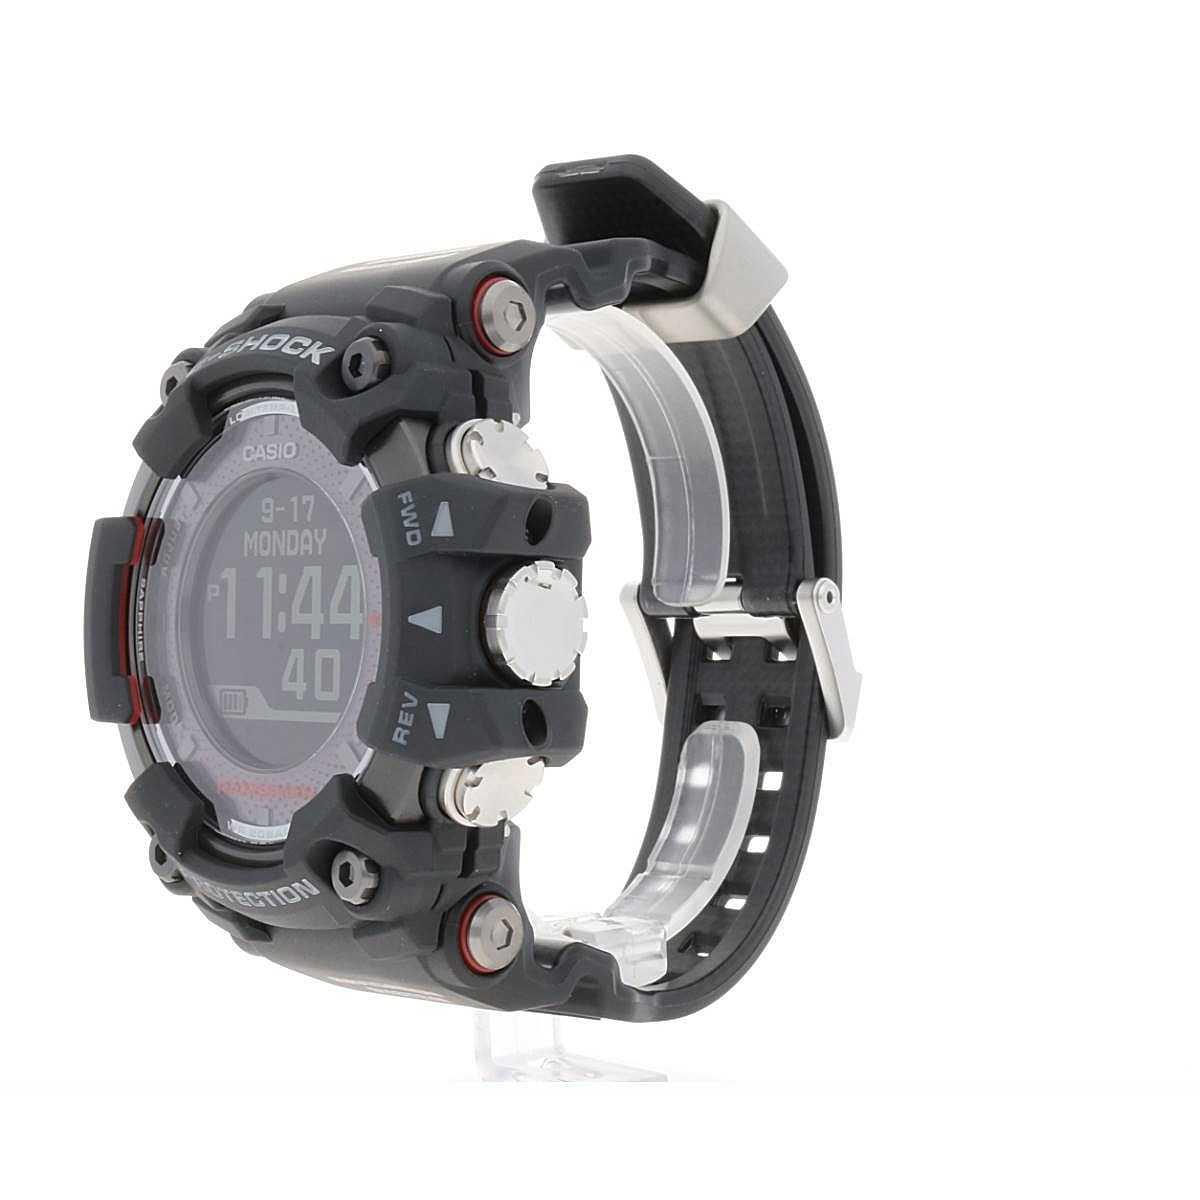 ab9fabba11eda Casio digitals G Shock Premium man GPR-B1000-1ER photo wearing. zoom. sale watches  man Casio GPR-B1000-1ER. zoom